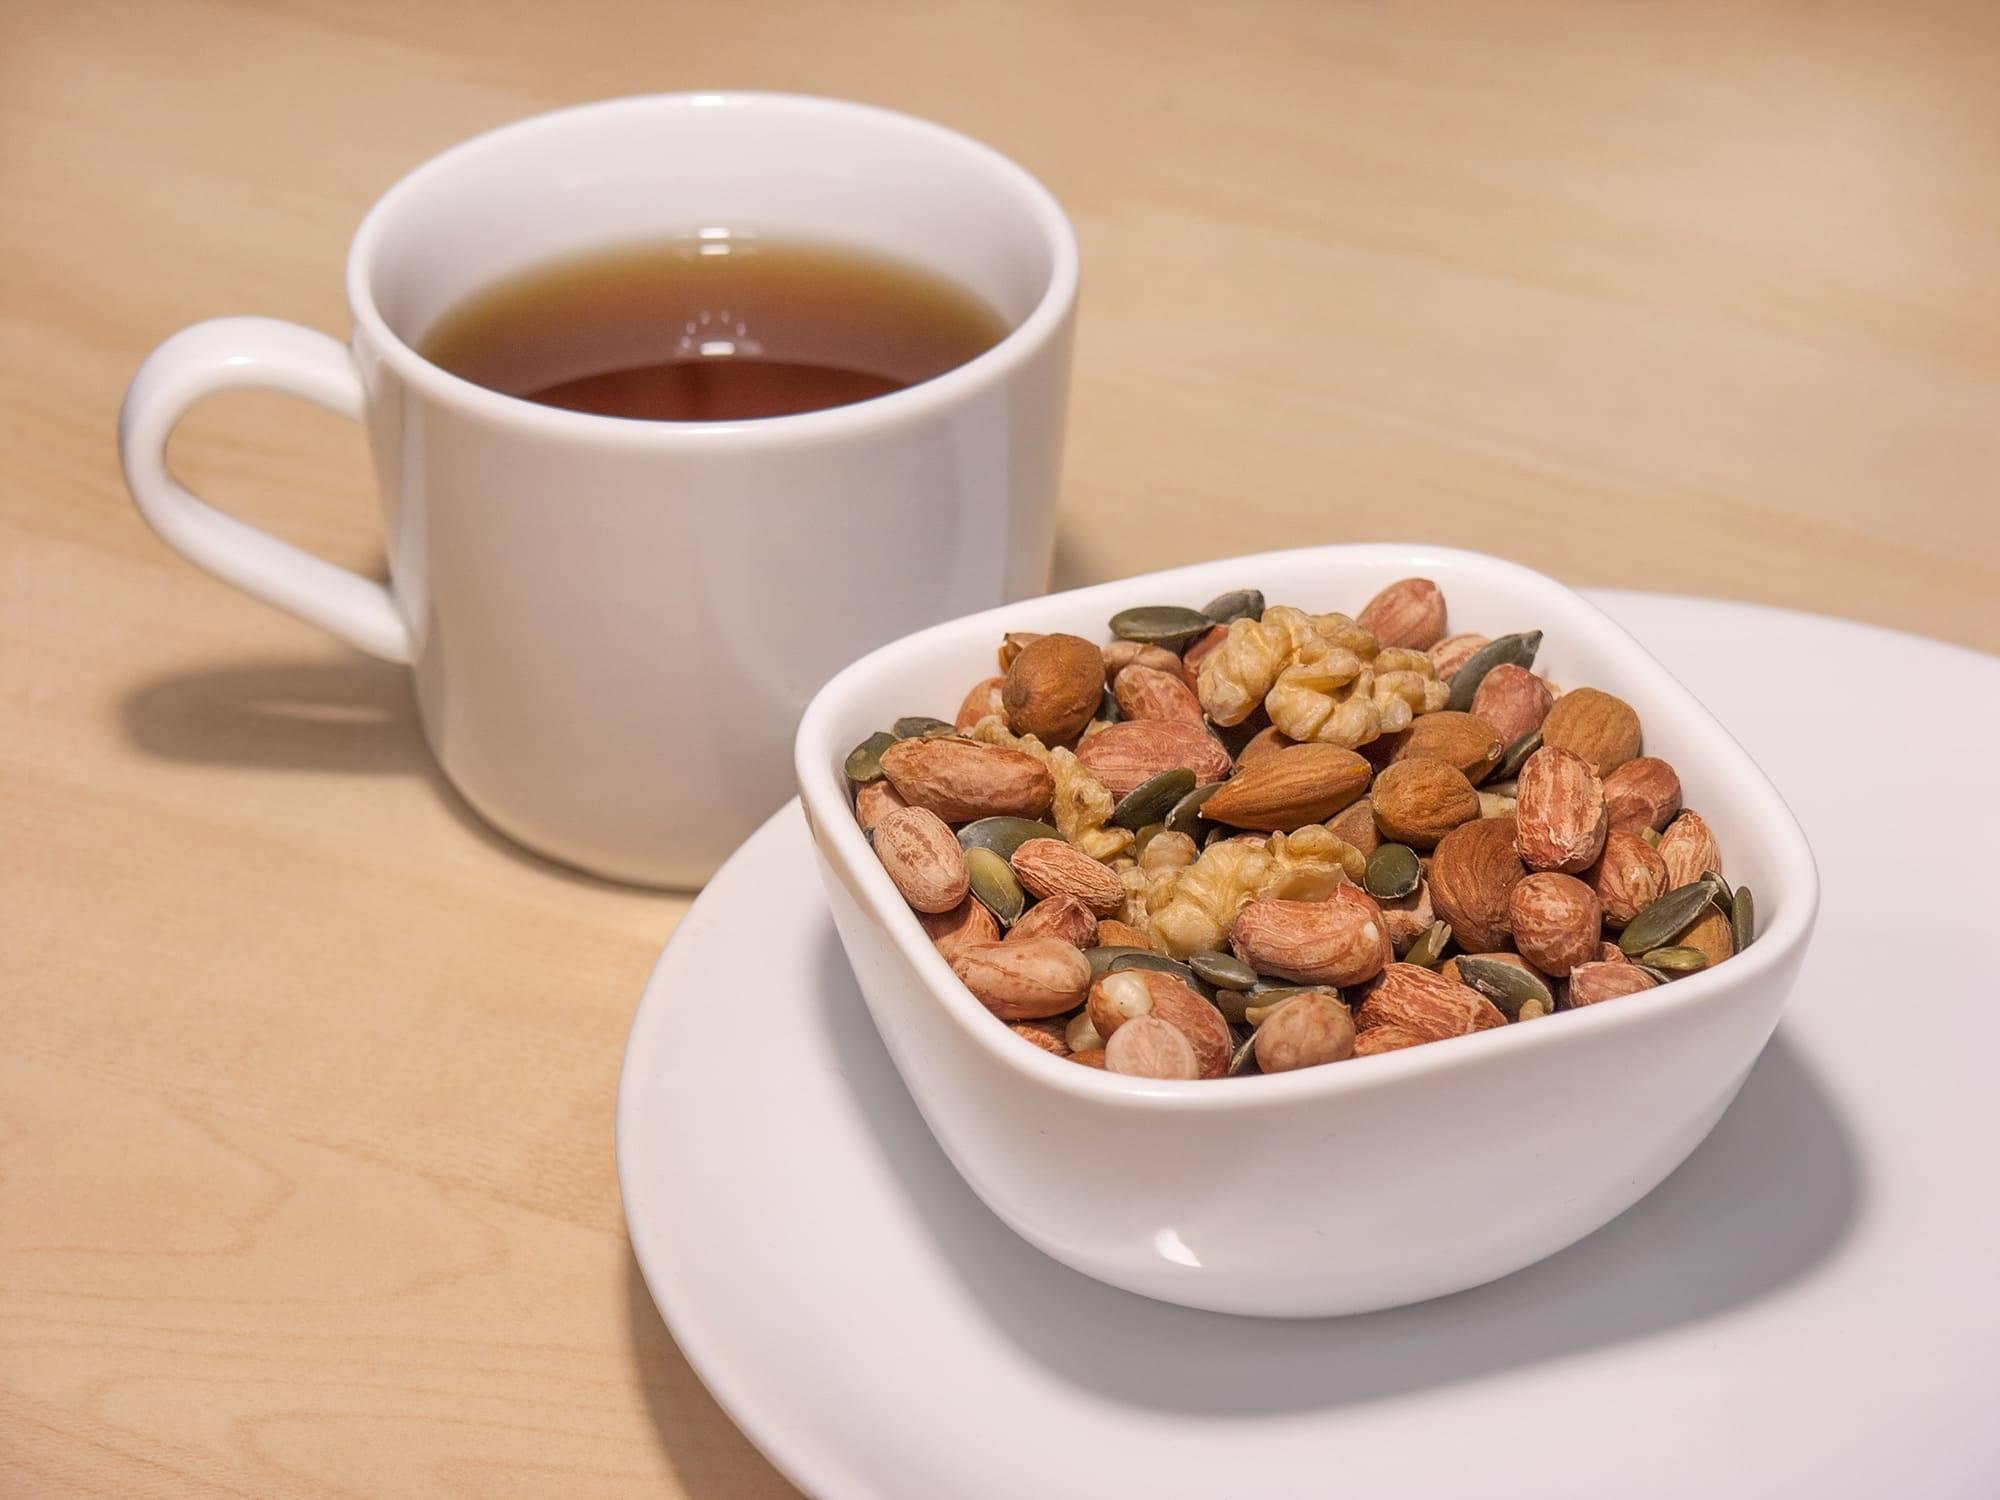 С чем лучше пить кофе – хорошо знакомые и новые вкусы